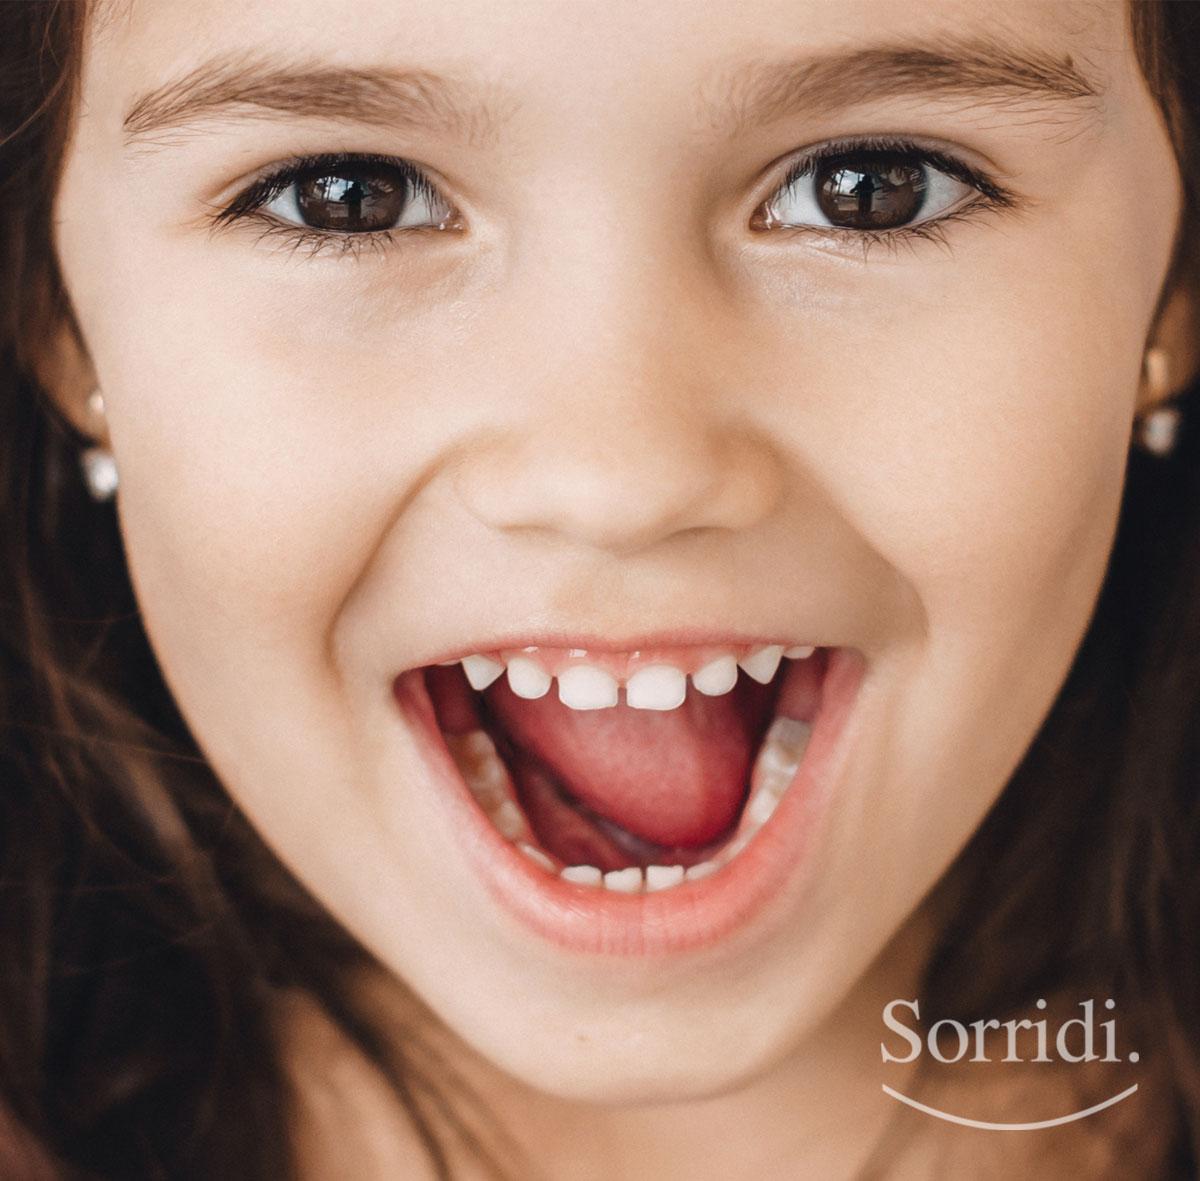 Sorridi-ch-magazine-test-salivari-per-prevenire-la-carie-nei-bambini